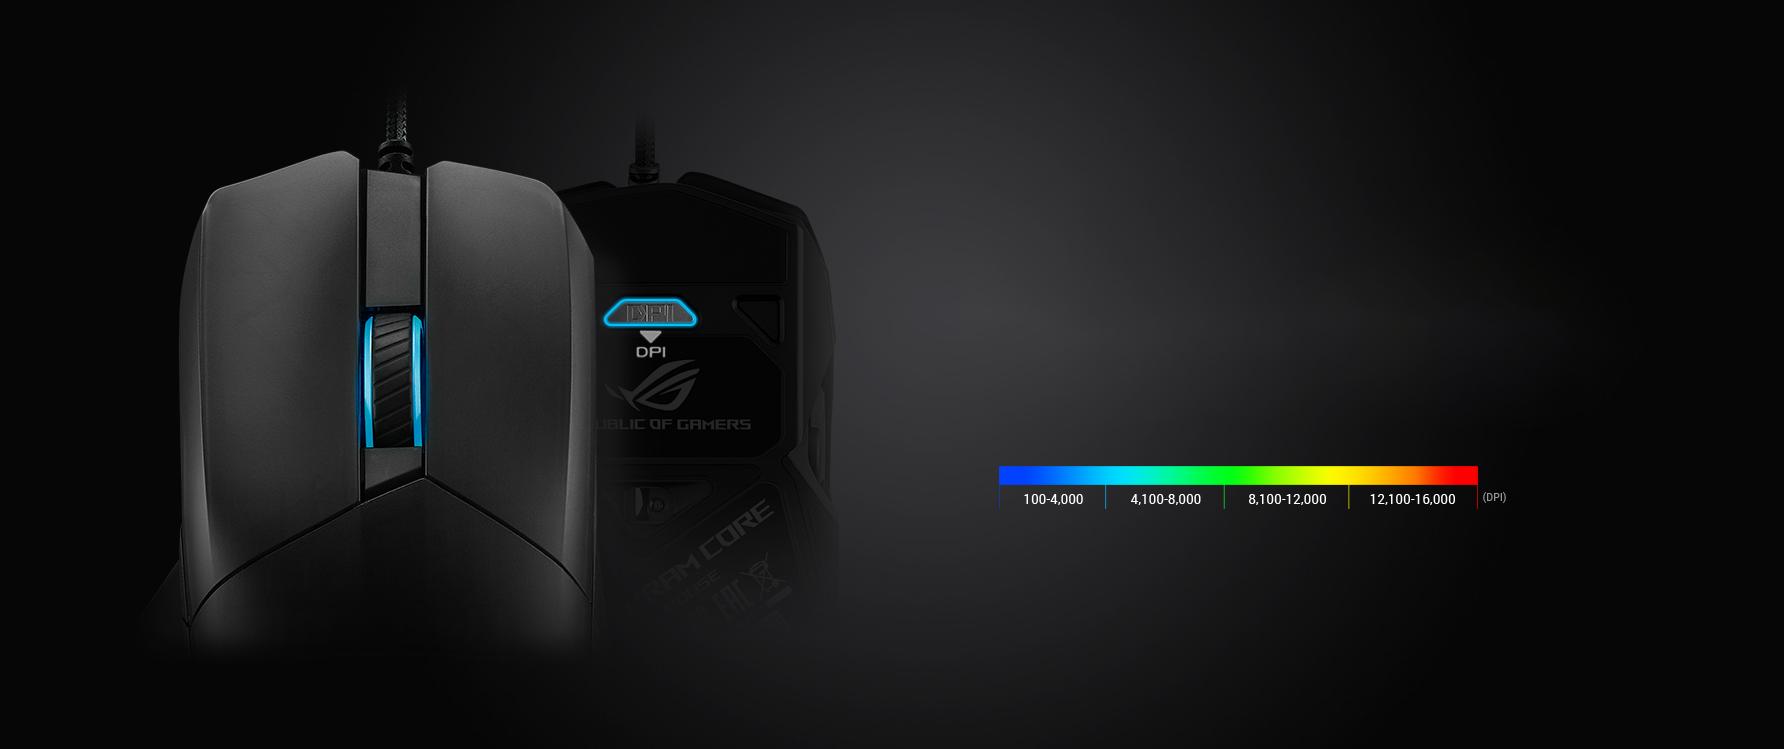 Chuột chơi game Asus ROG Chakram Core (P511) (USB/RGB/Đen) có thể tuỳ chỉnh DPI trực tiếp không cần phần mềm